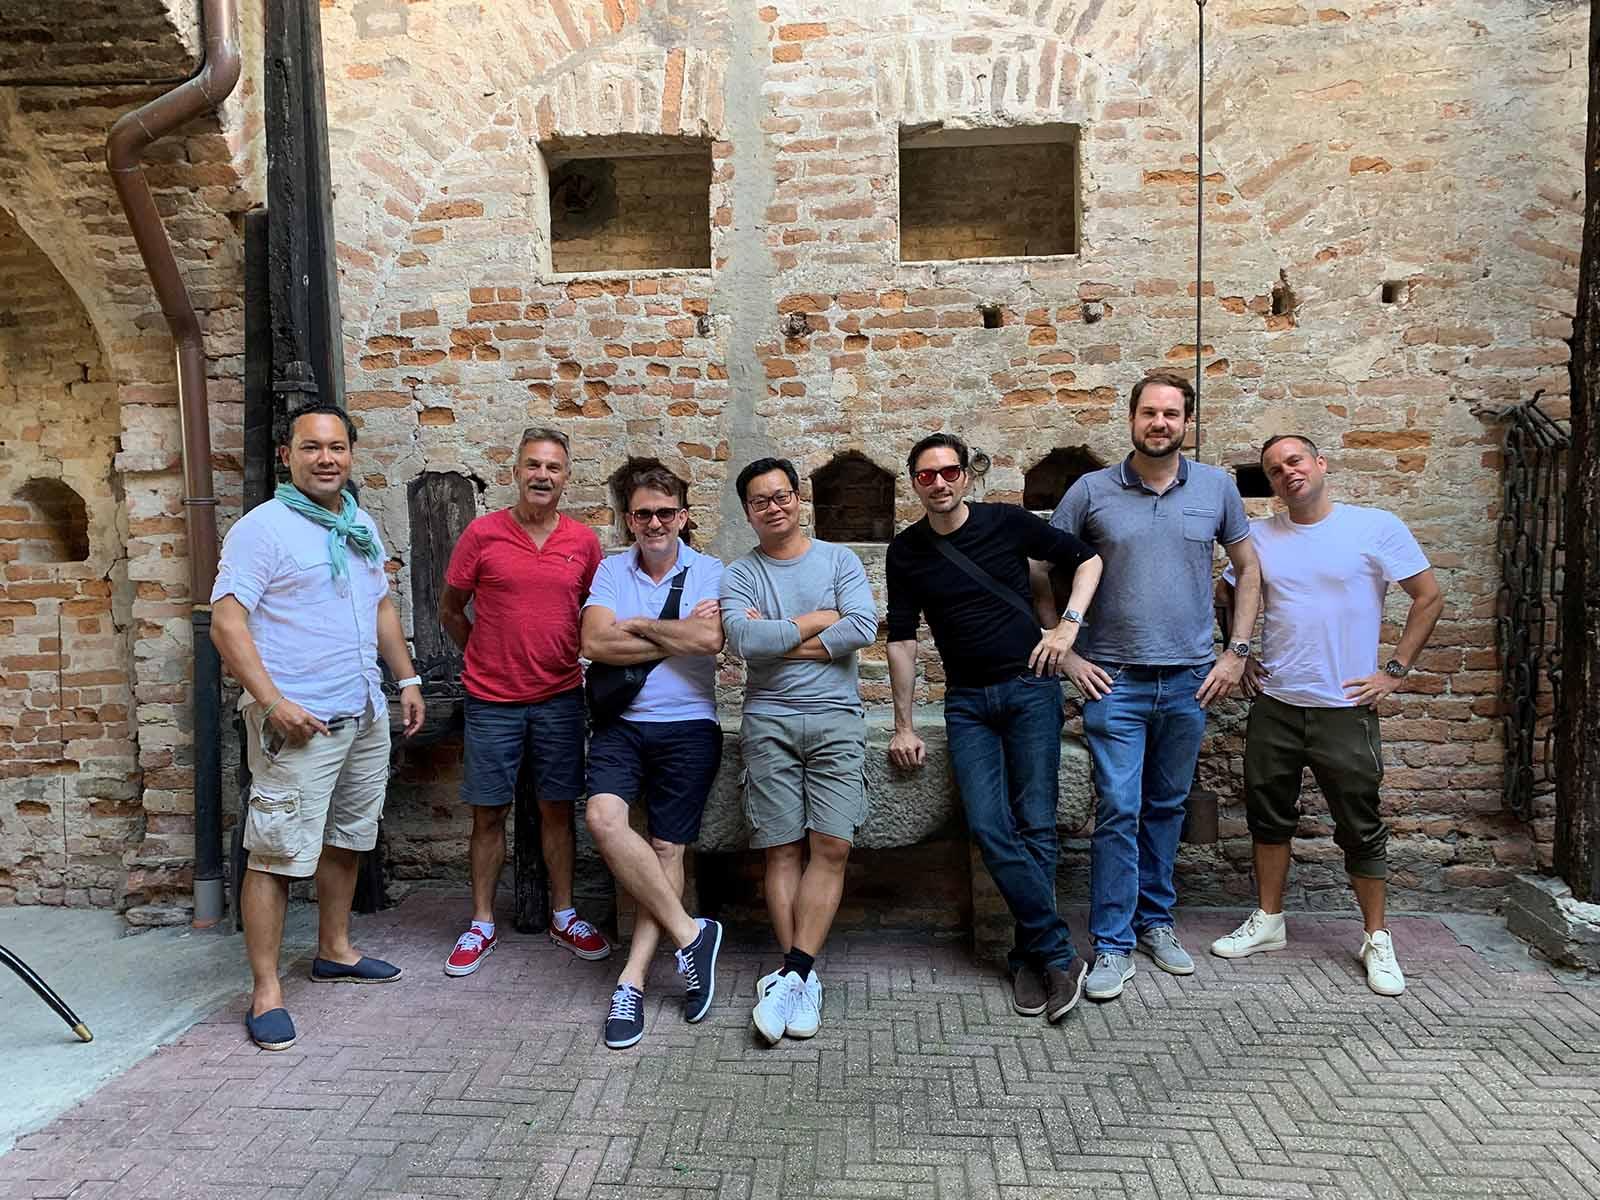 Winzer Chuchi Reise 2019 ins Piemont bei einer Weindegustation im Barologebiet.